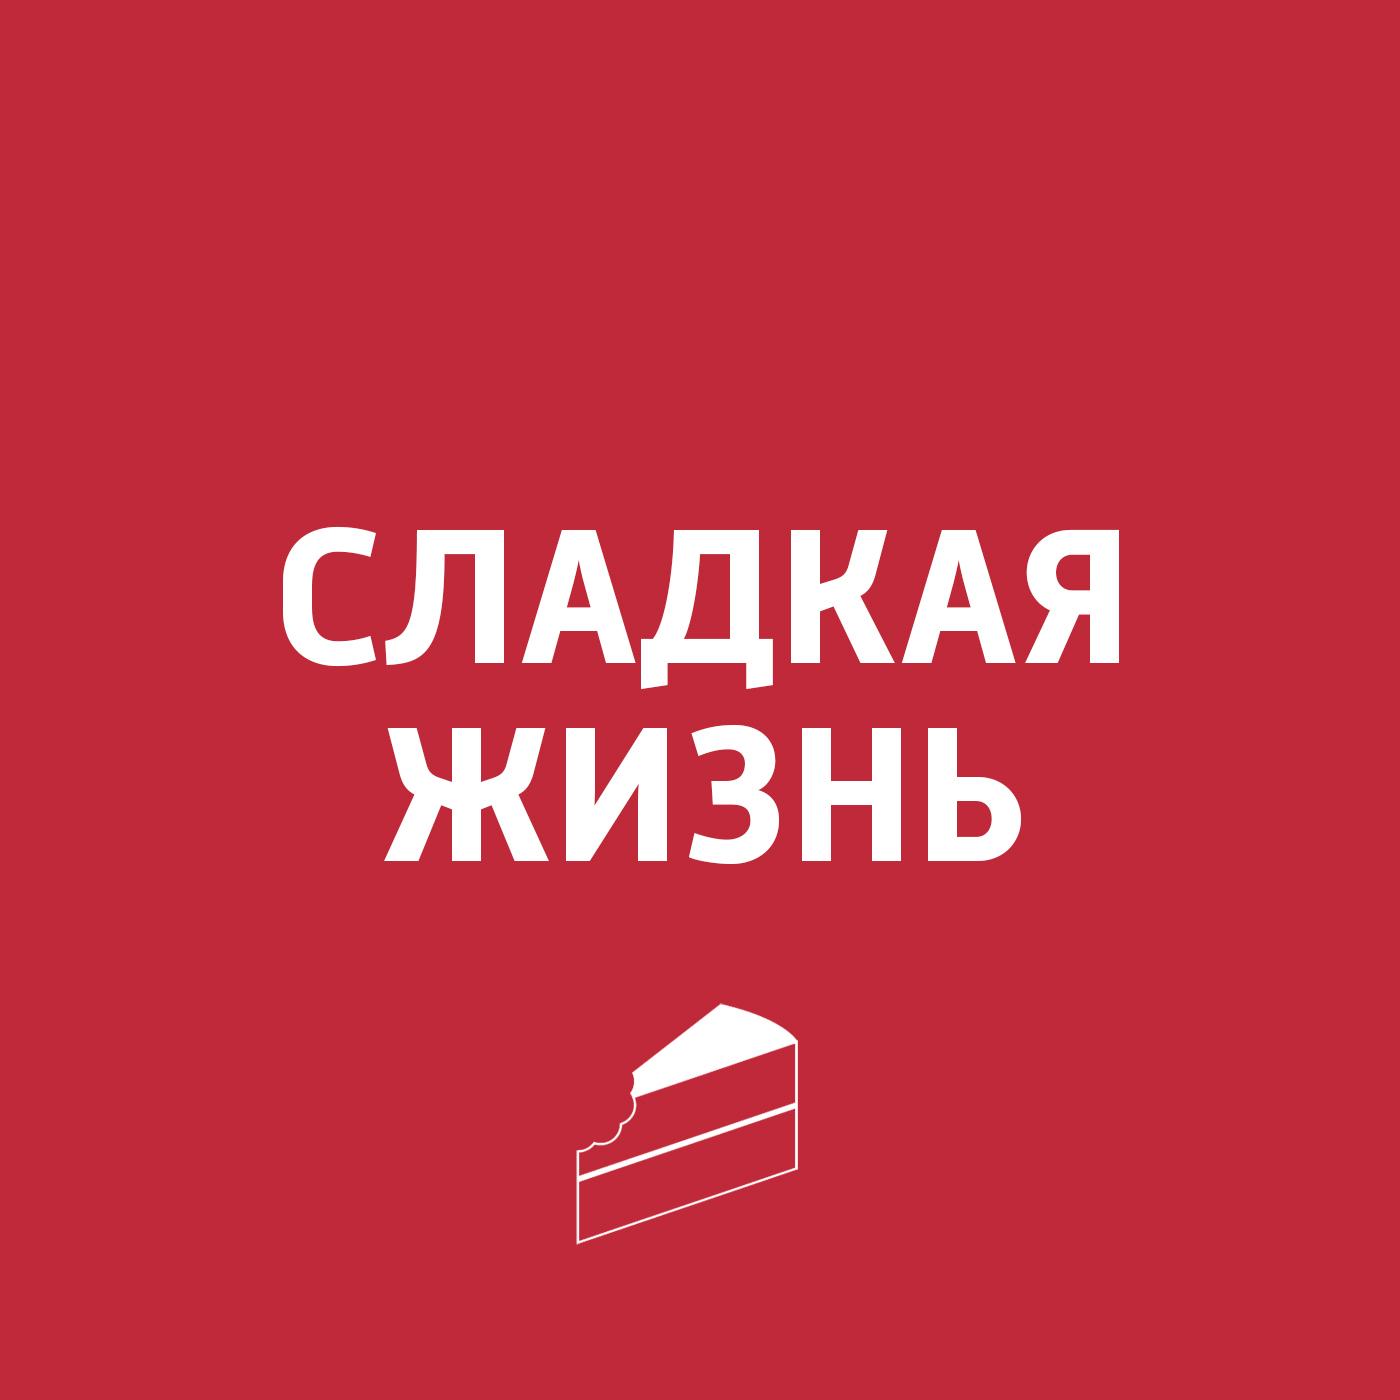 Картаев Павел Сухари картаев павел девушкам нравятся любители салатов